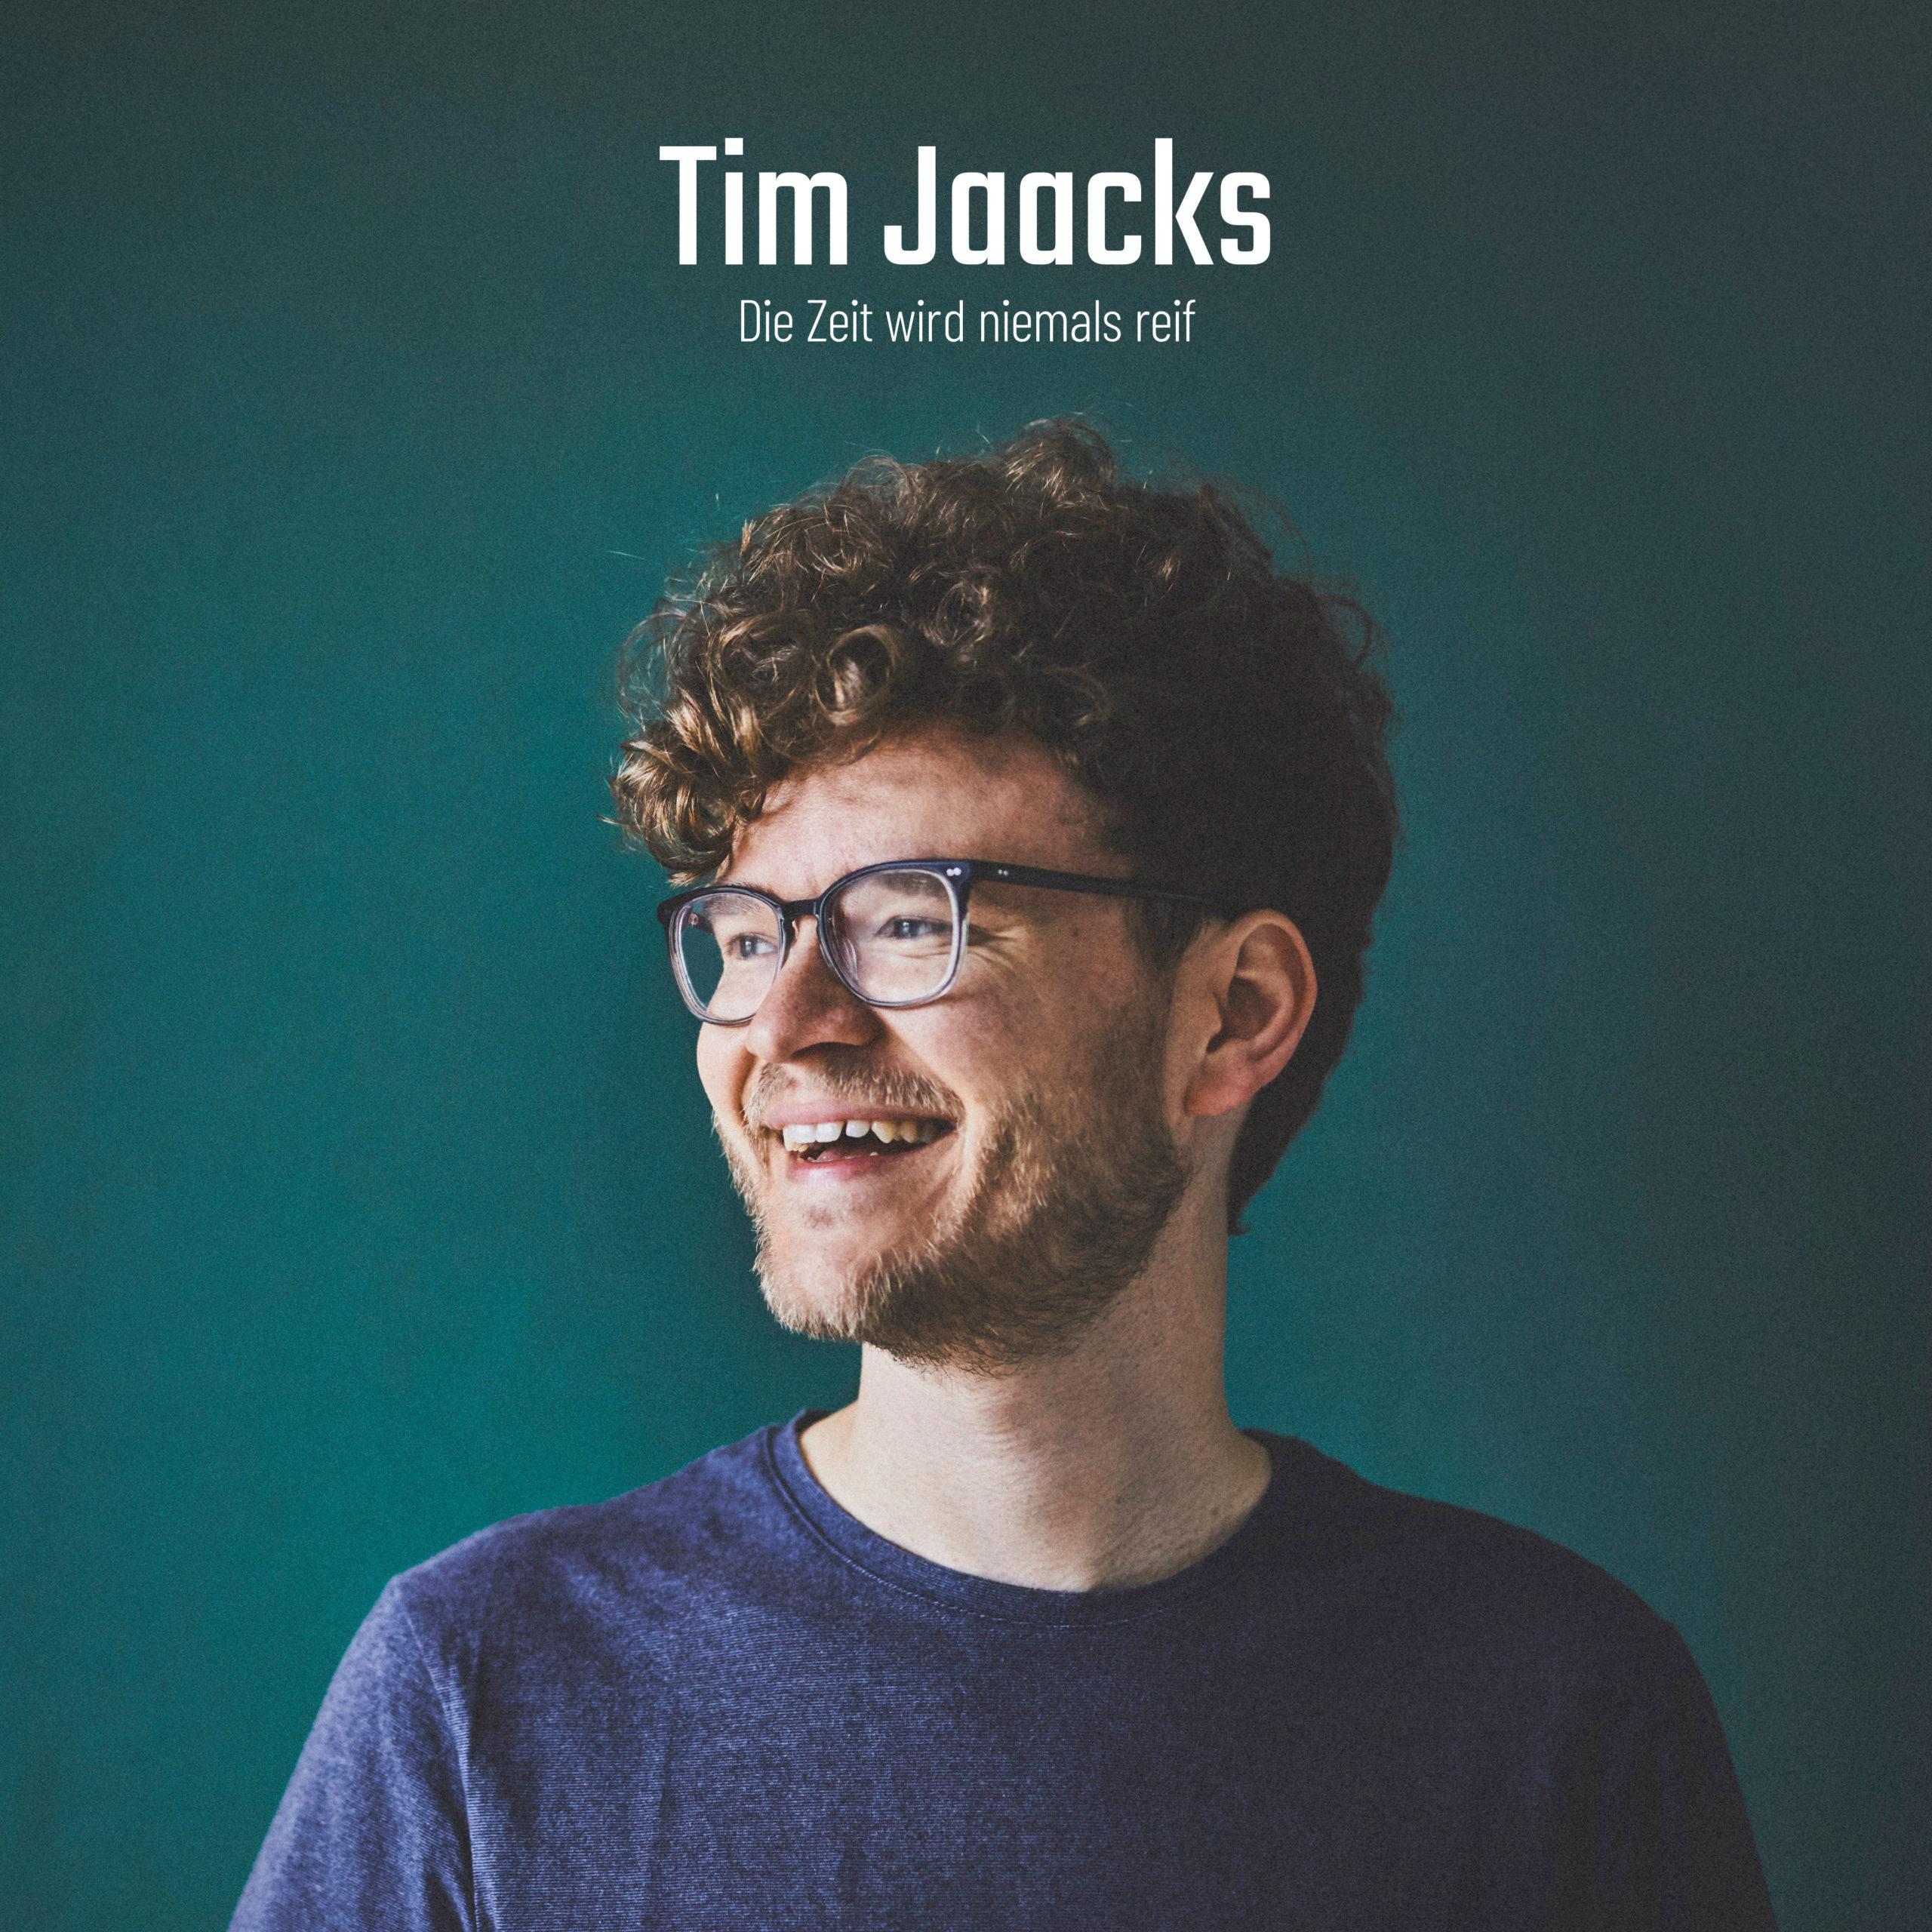 Tim Jaacks' Album erscheint bei Kombüse Schallerzeugnisse auf CD und Vinyl.